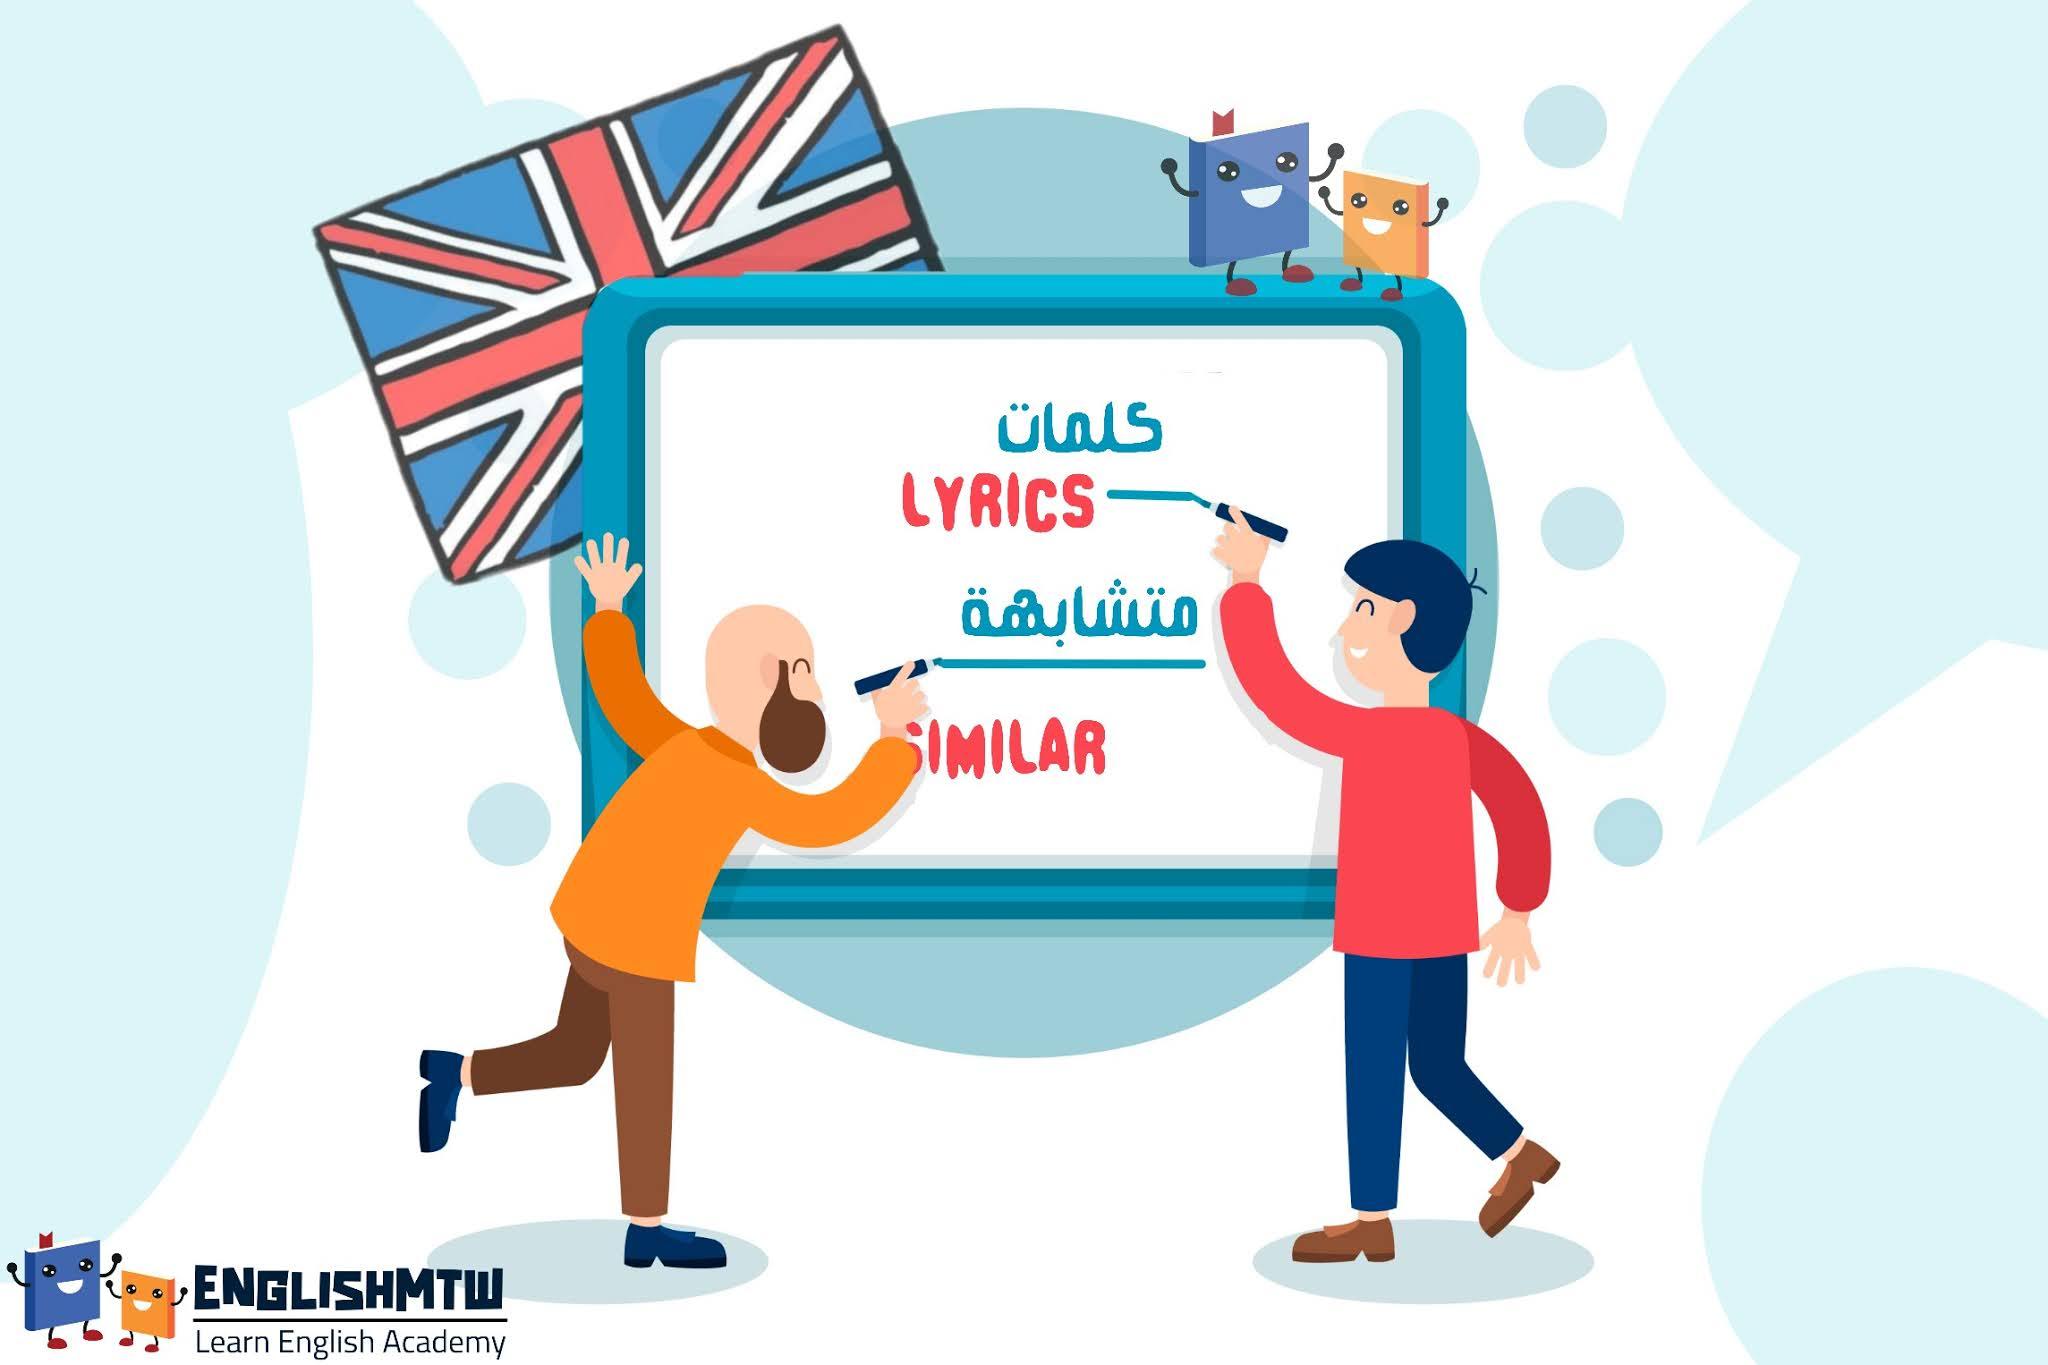 مفردات اللغة الإنجليزية   أكثر 5 أزواج كلمات متشابهة في النطق ومختلفة في المعنى